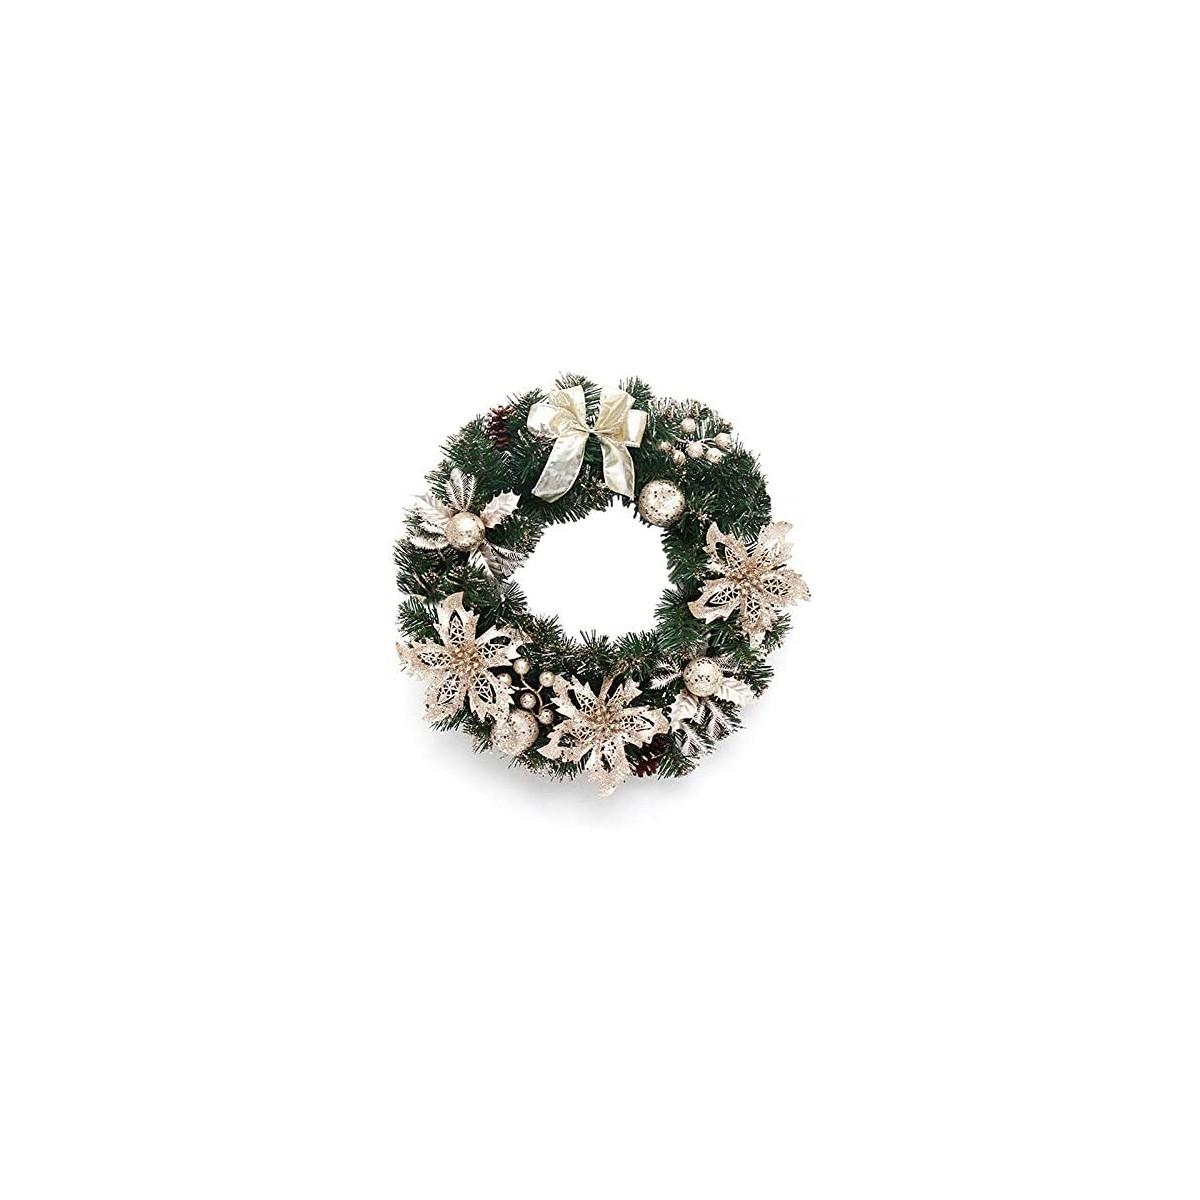 Ghirlanda con pino colore champagne, per decorazioni di Natale